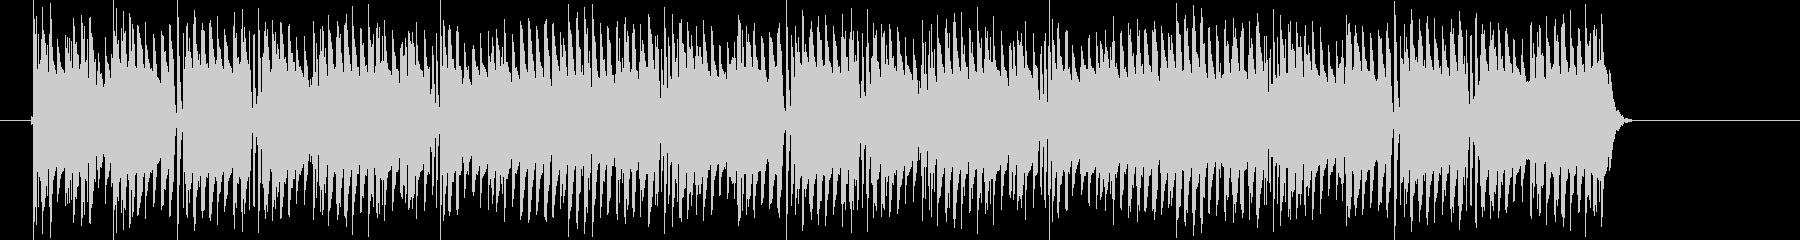 混乱しているコンピュータ音の未再生の波形